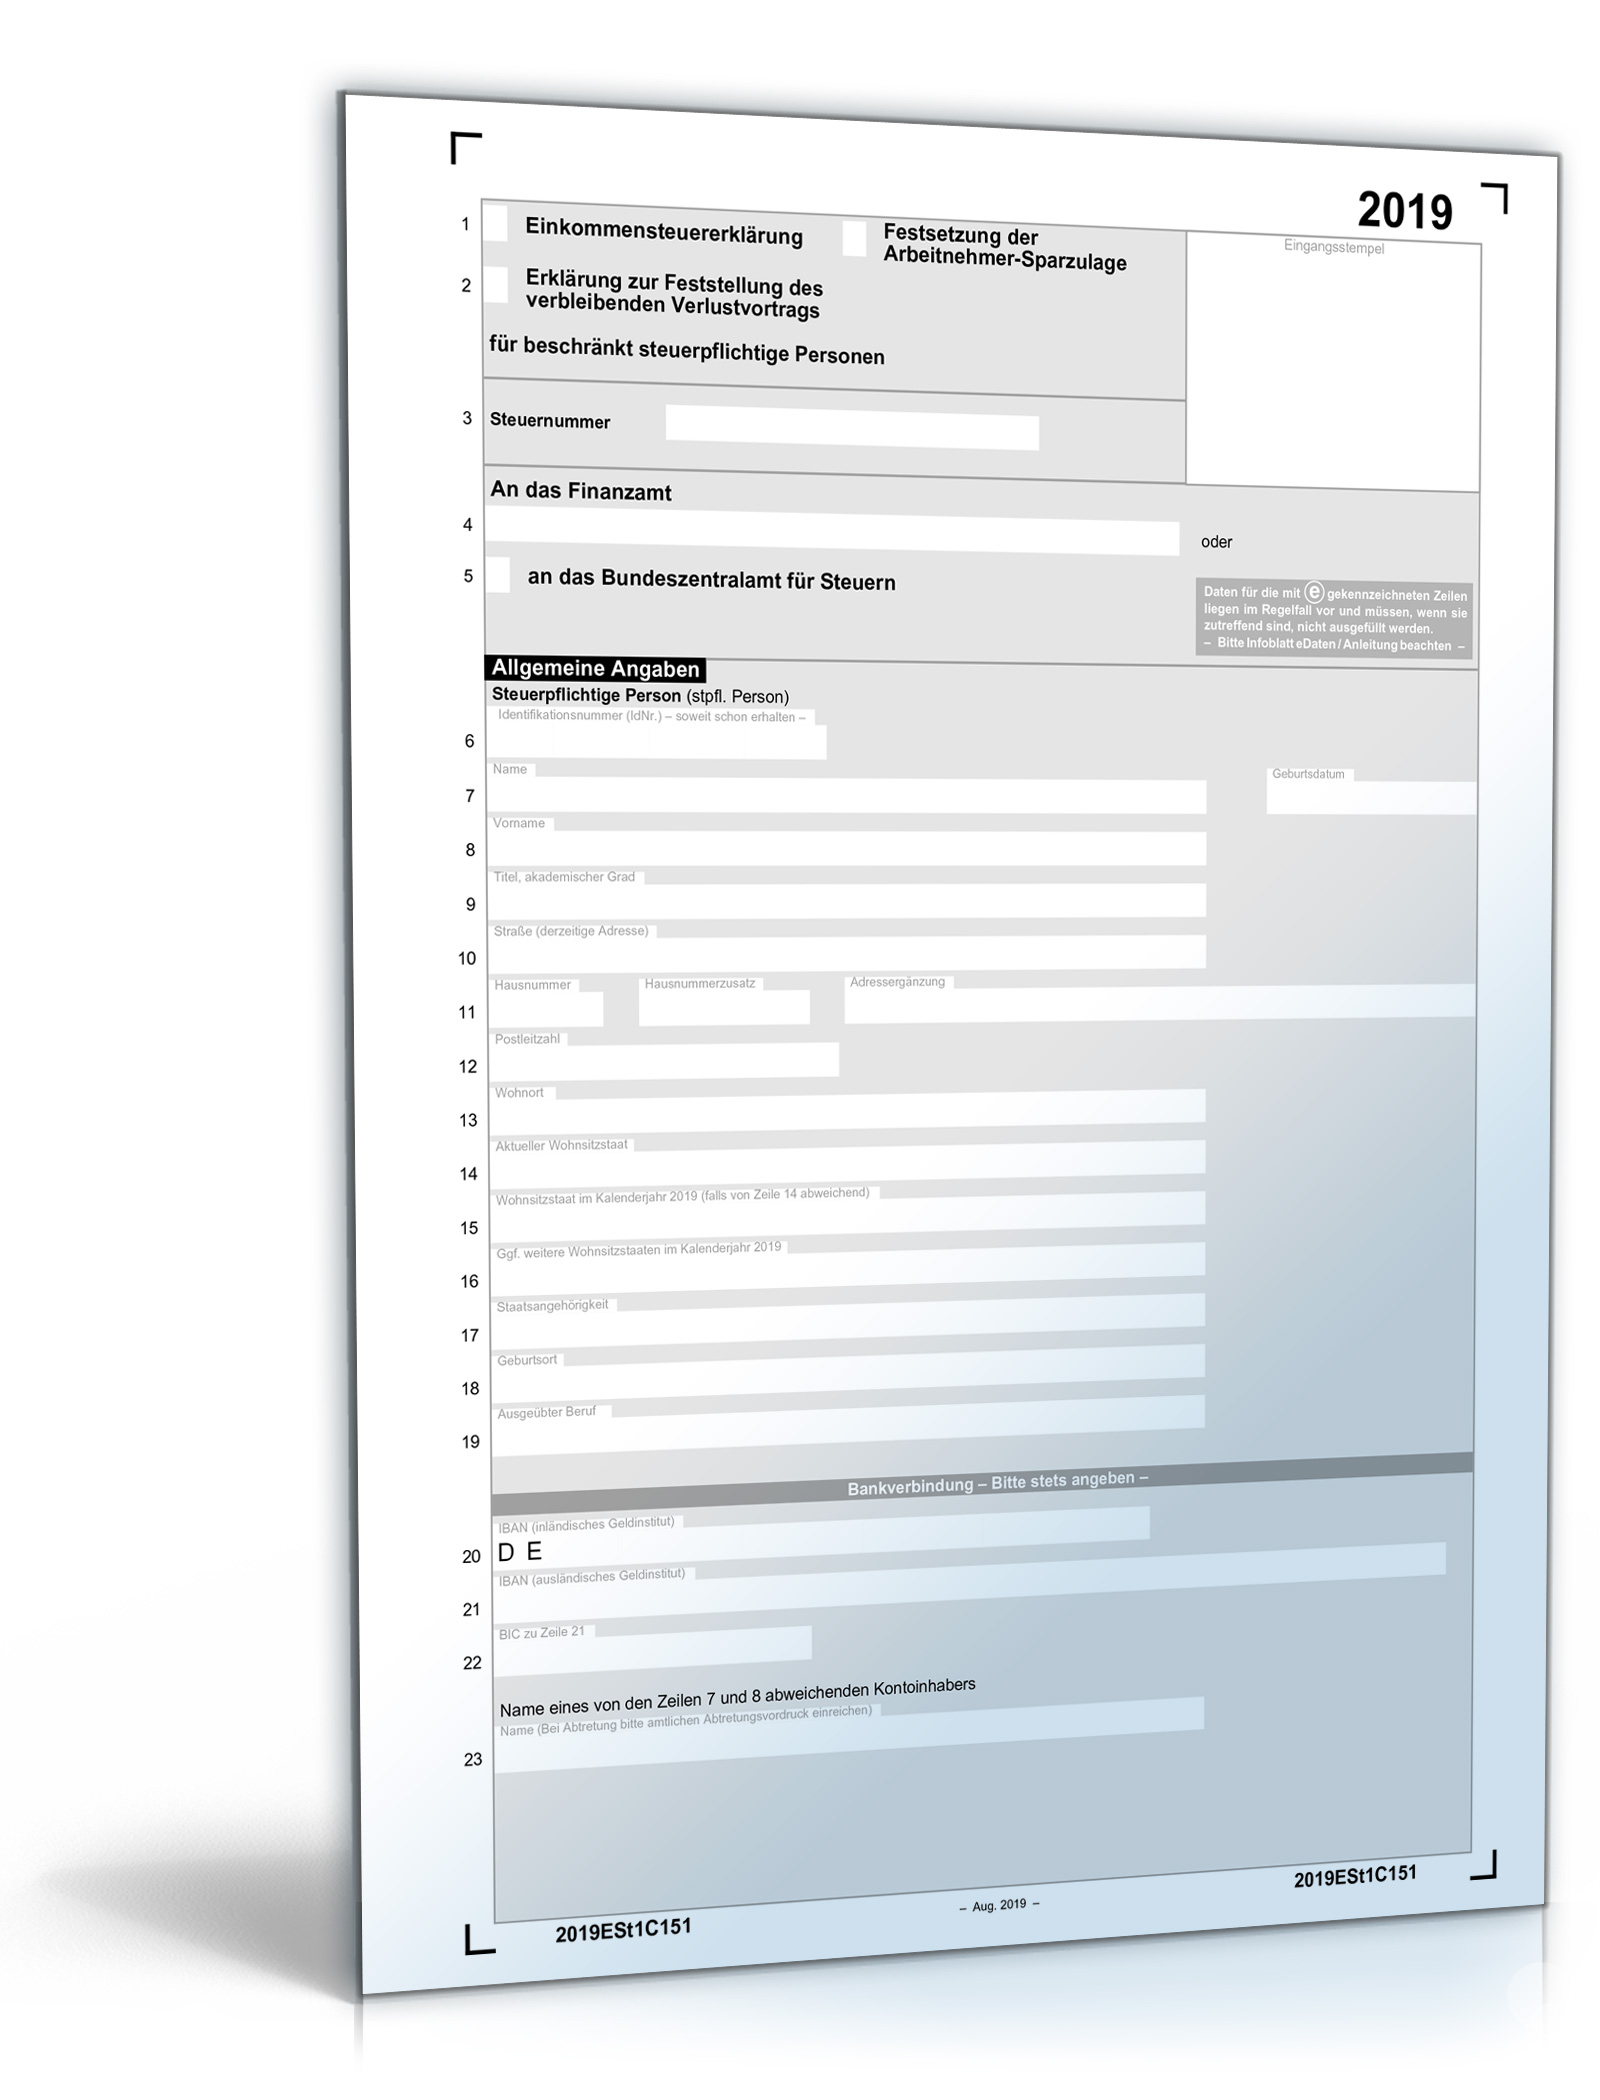 Einkommensteuererklärung beschränkt Steuerpflichtige 2019 Dokument zum Download